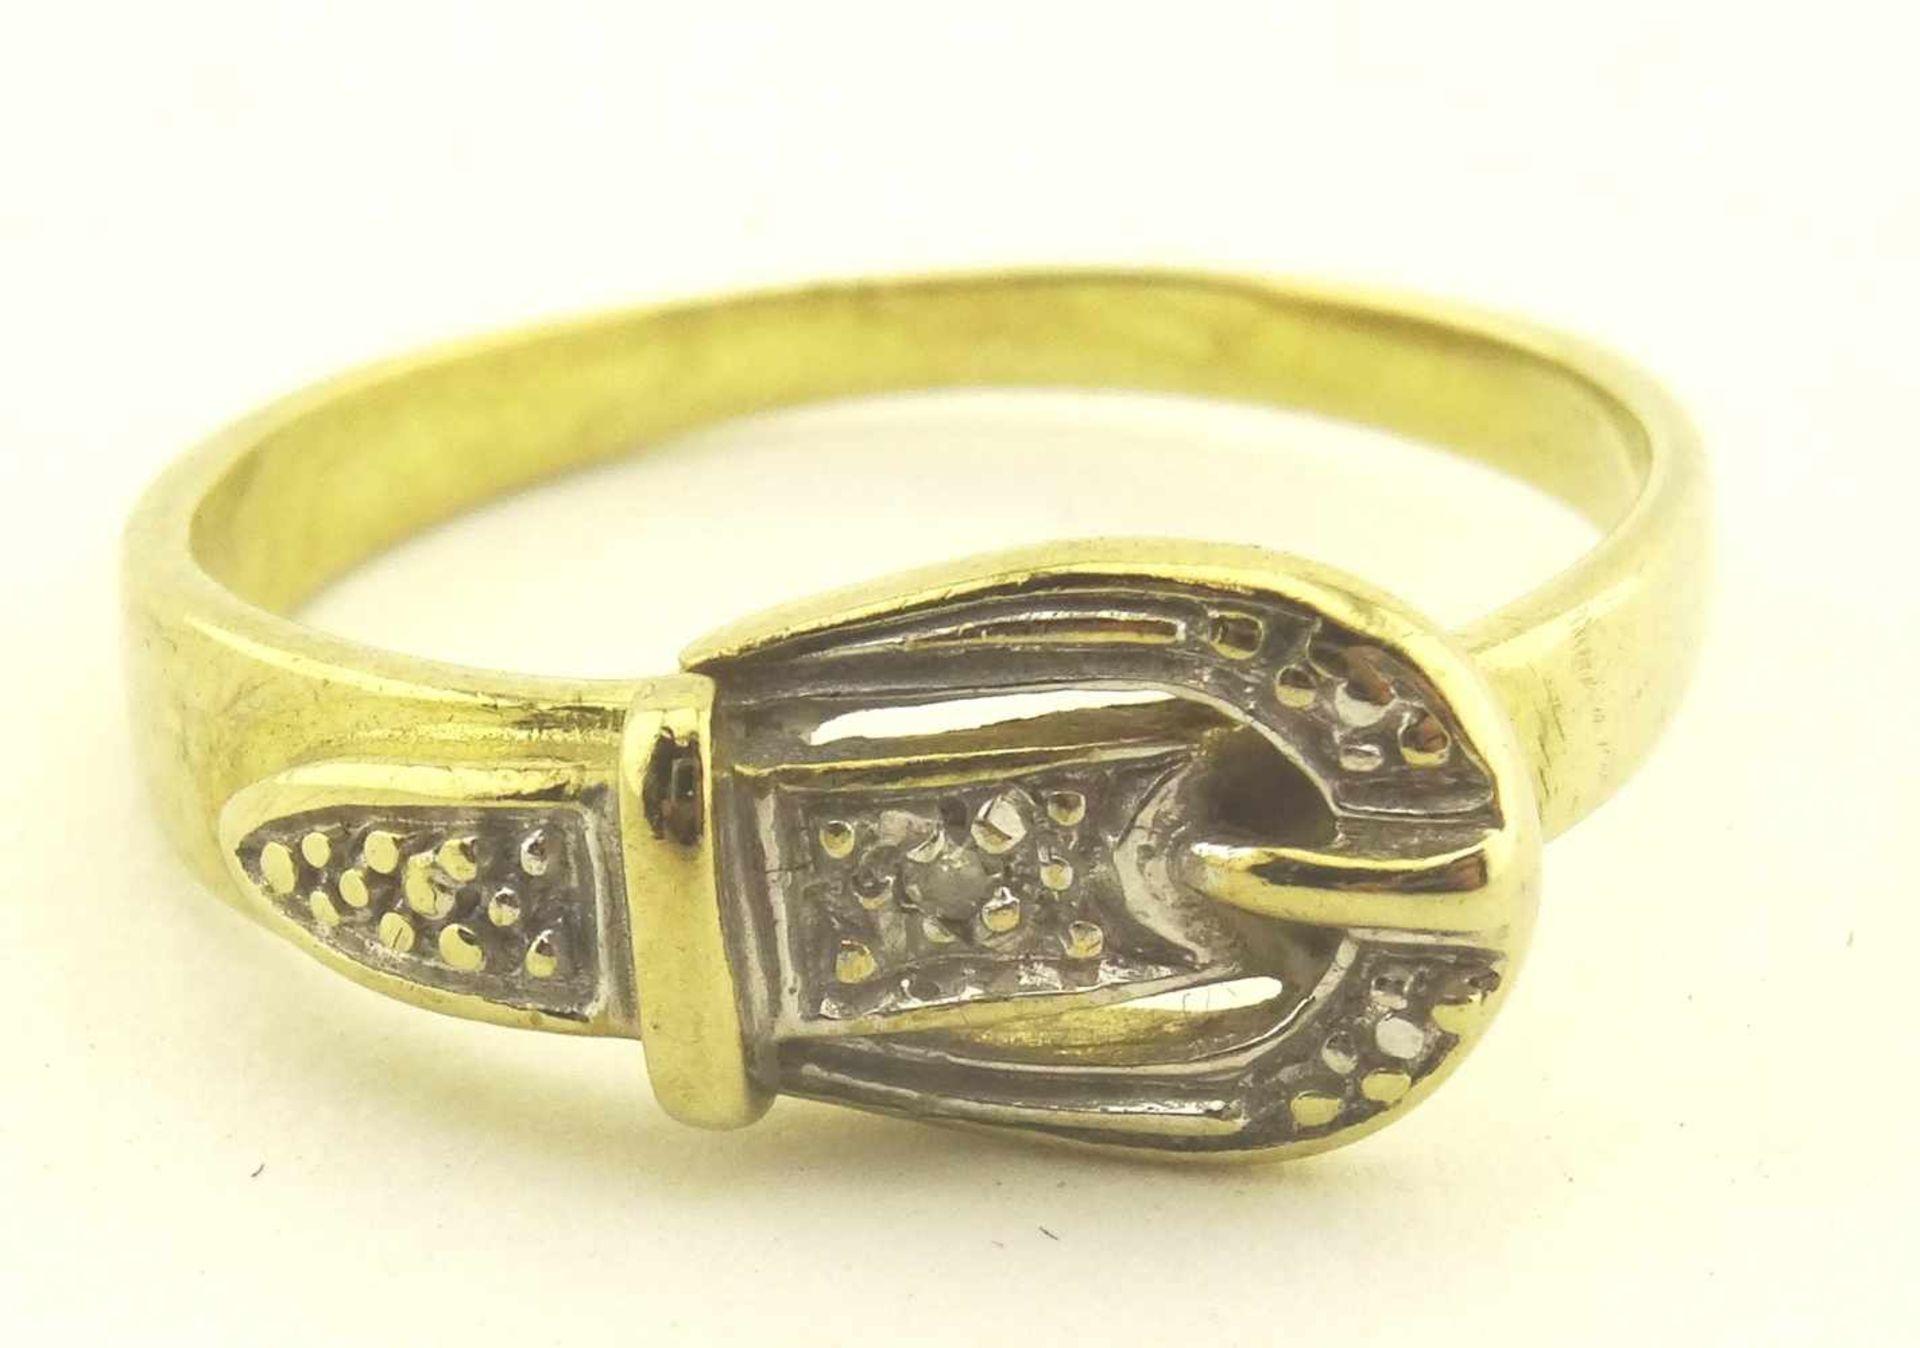 Los 37 - Damenring 333 Gold Diamant in Form einer Schnalle, RG 50, Gewicht ges. ca. 1,7g